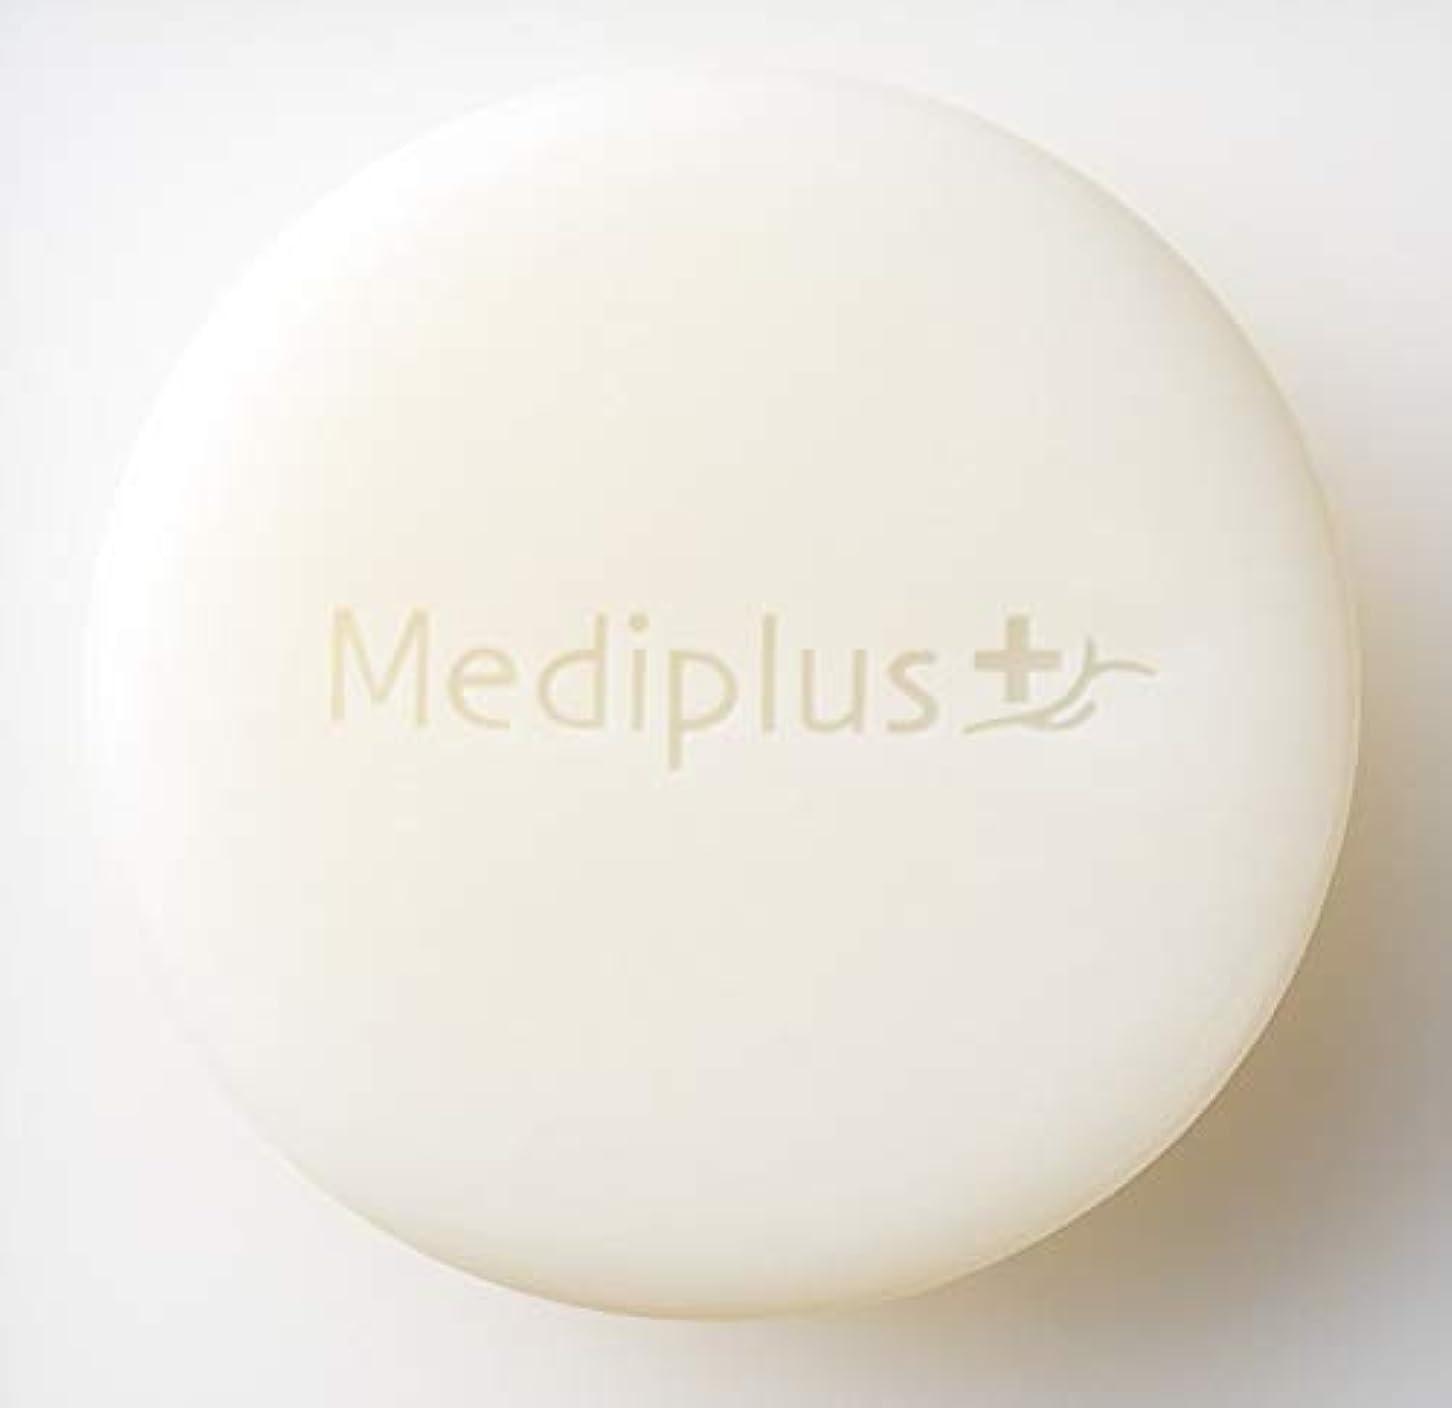 暴動ベンチ眠る【Mediplus+】 メディプラス オイルクリームソープ [ 洗顔用 固形石鹸 ]